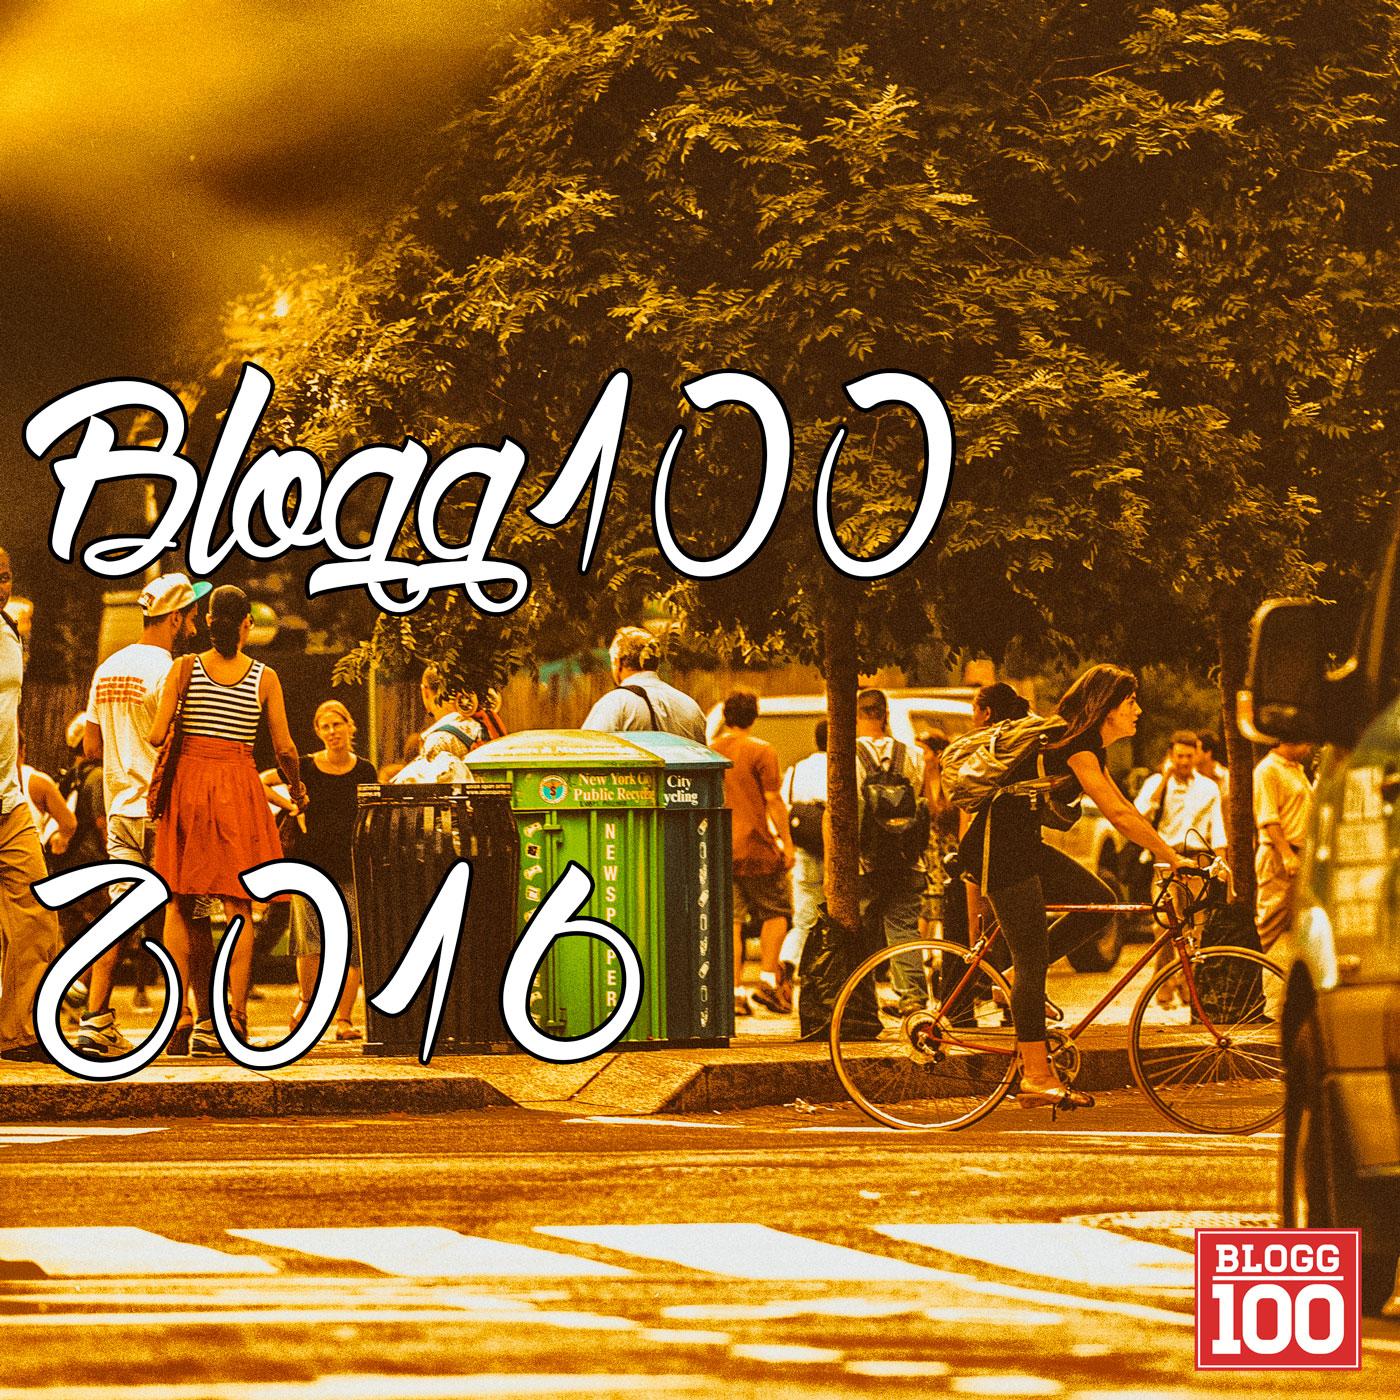 Bästa hamburgaren i Stockholm!  #blogg100